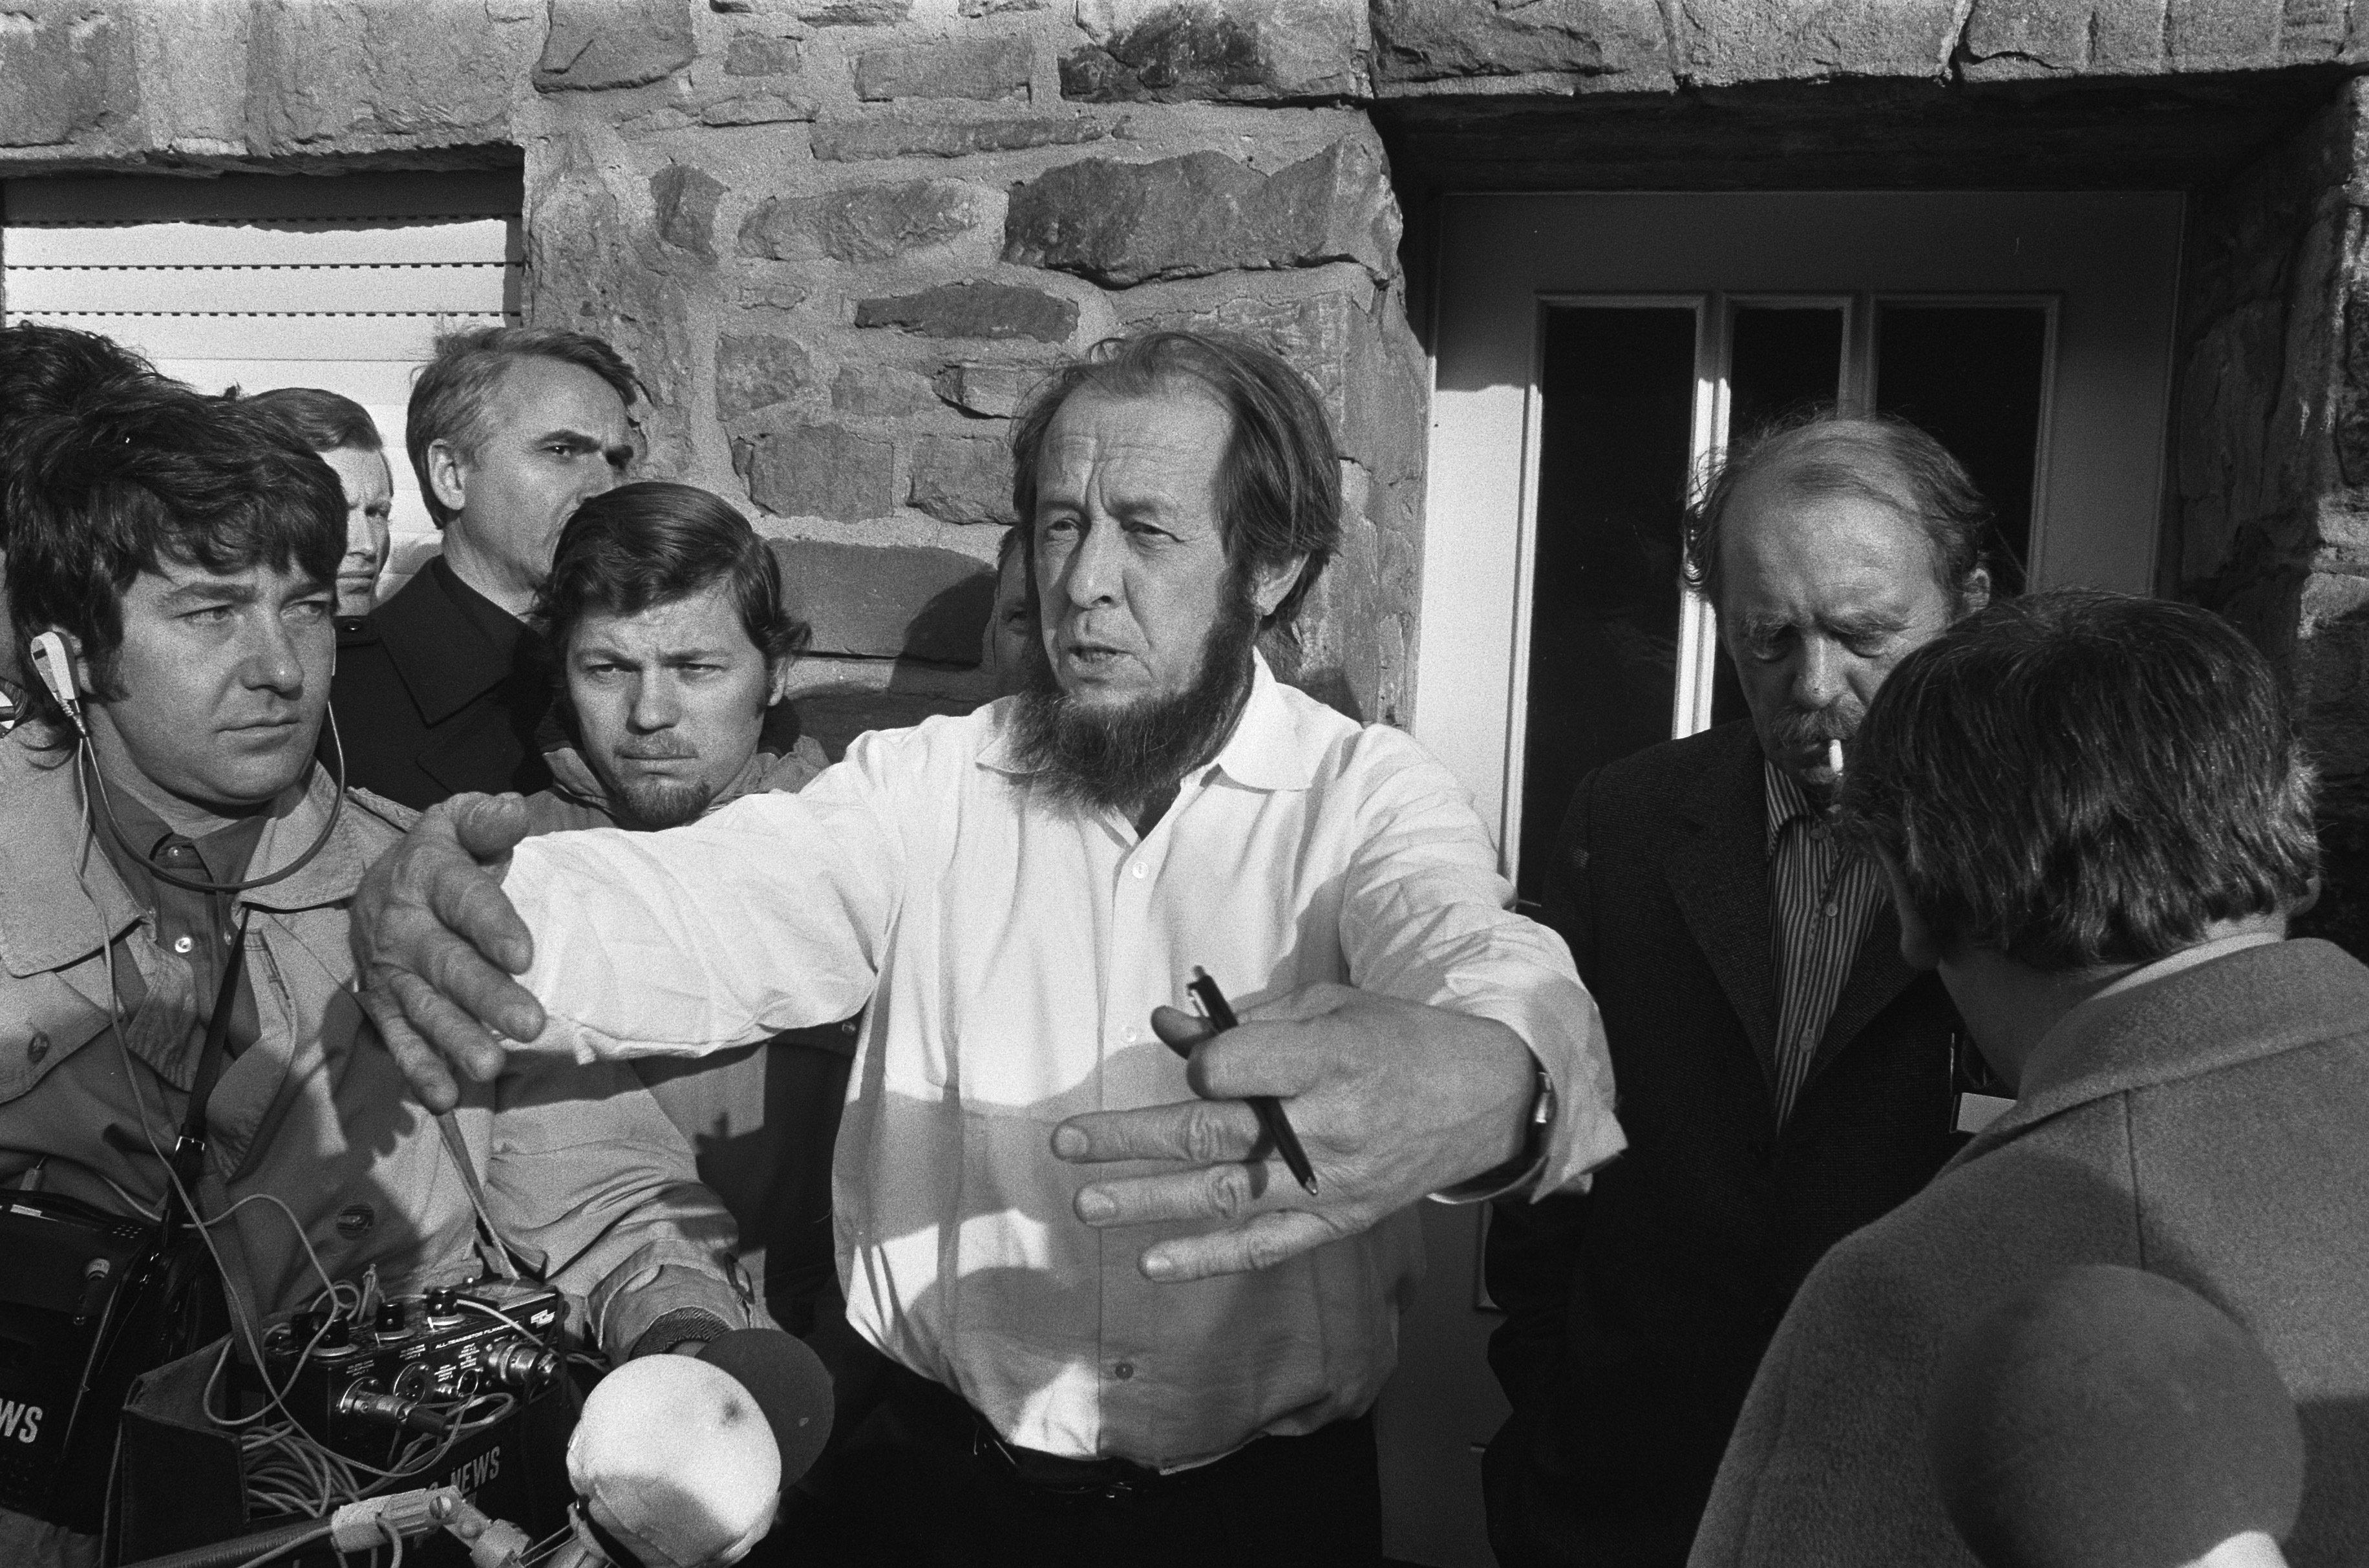 Solzhenitsyn's Religious Teaching